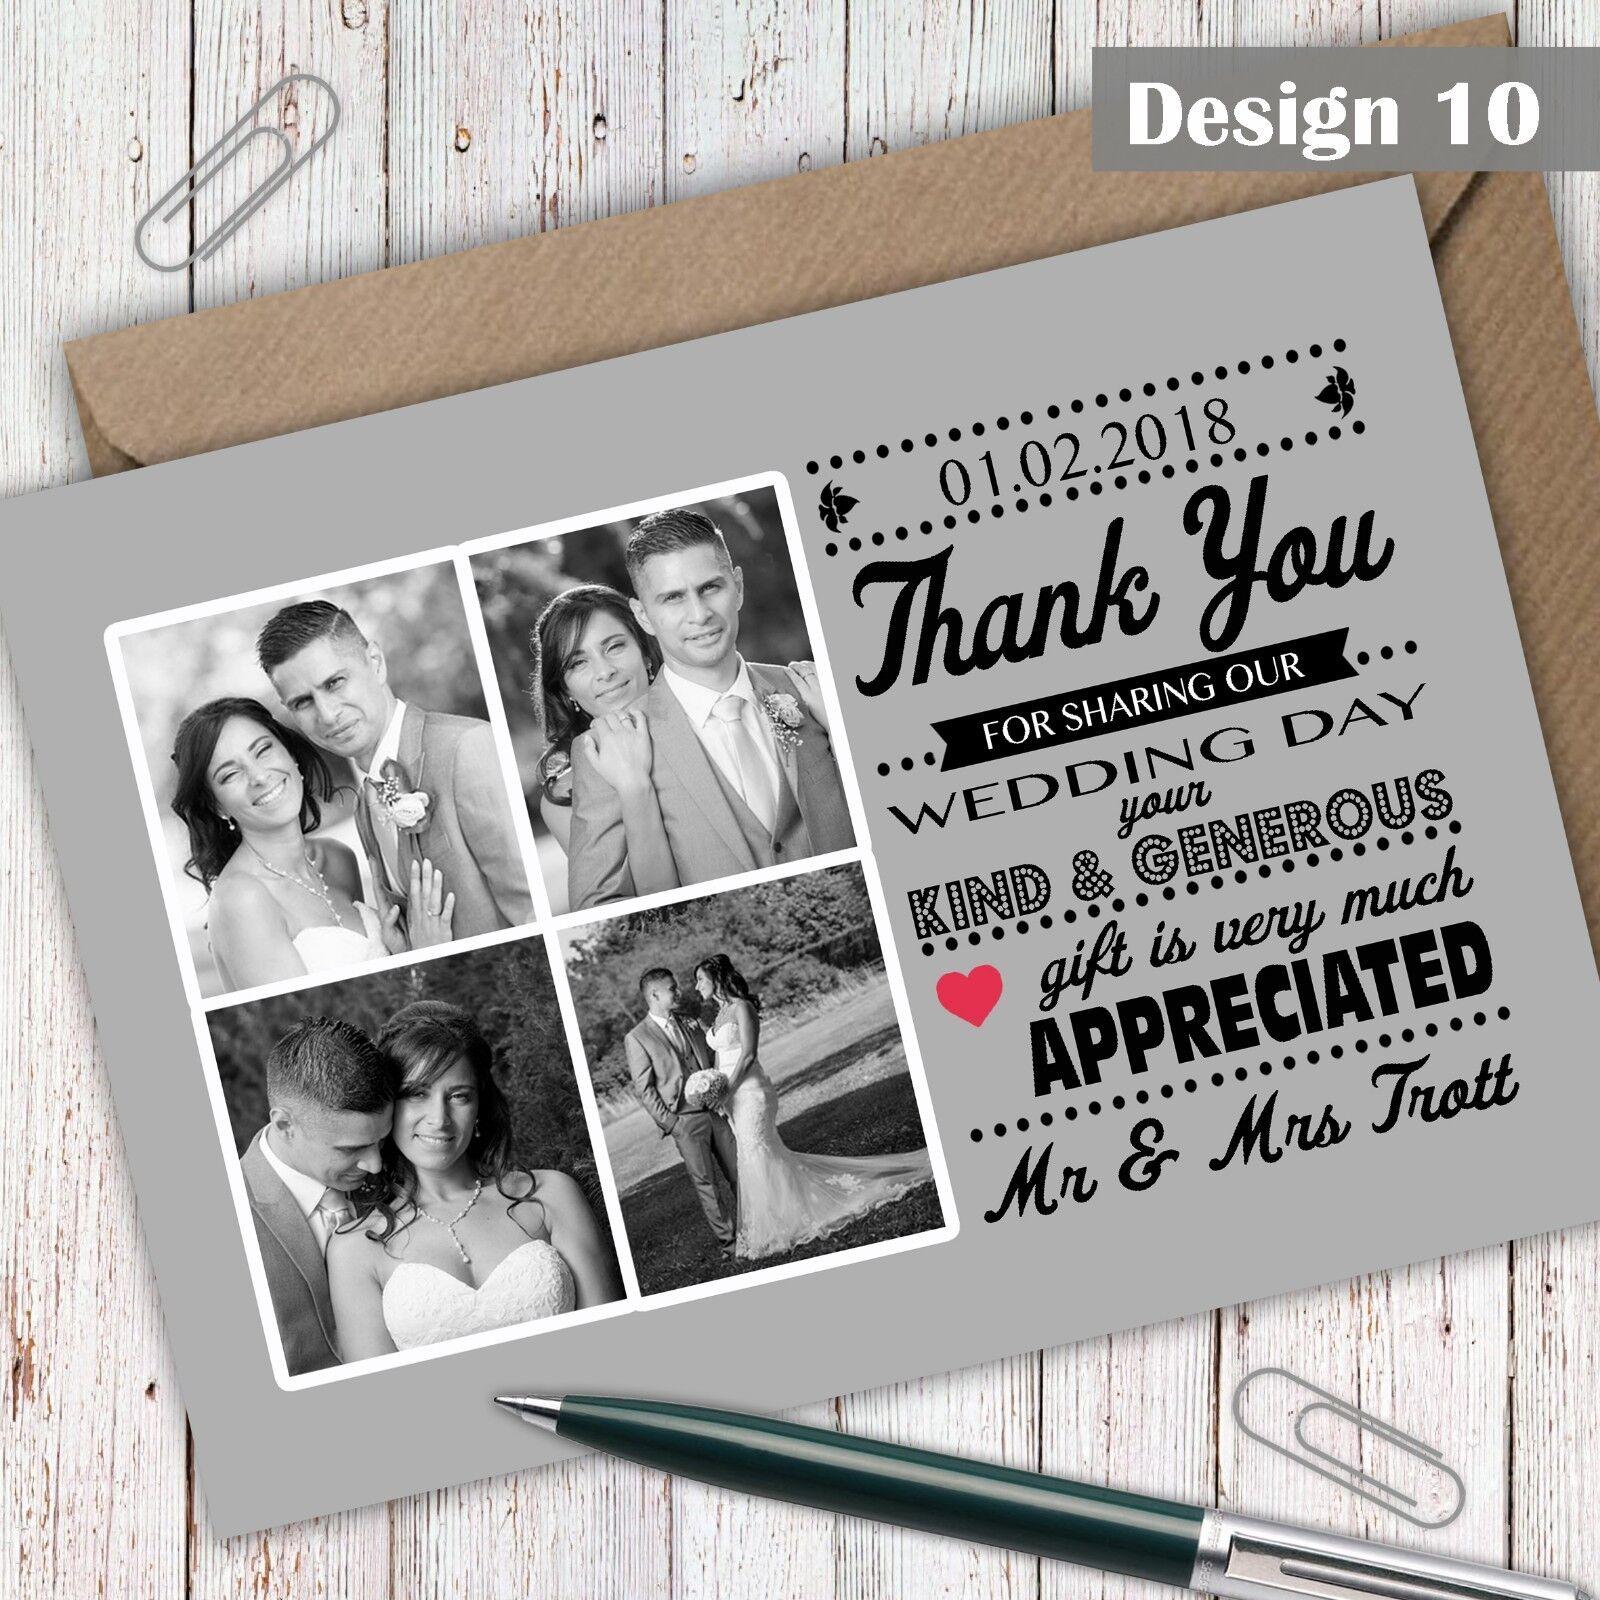 Foto Personalizzata Personalizzata Personalizzata Matrimonio Ringraziamenti Inc BUSTE bozza gratuita disponibile 540de6